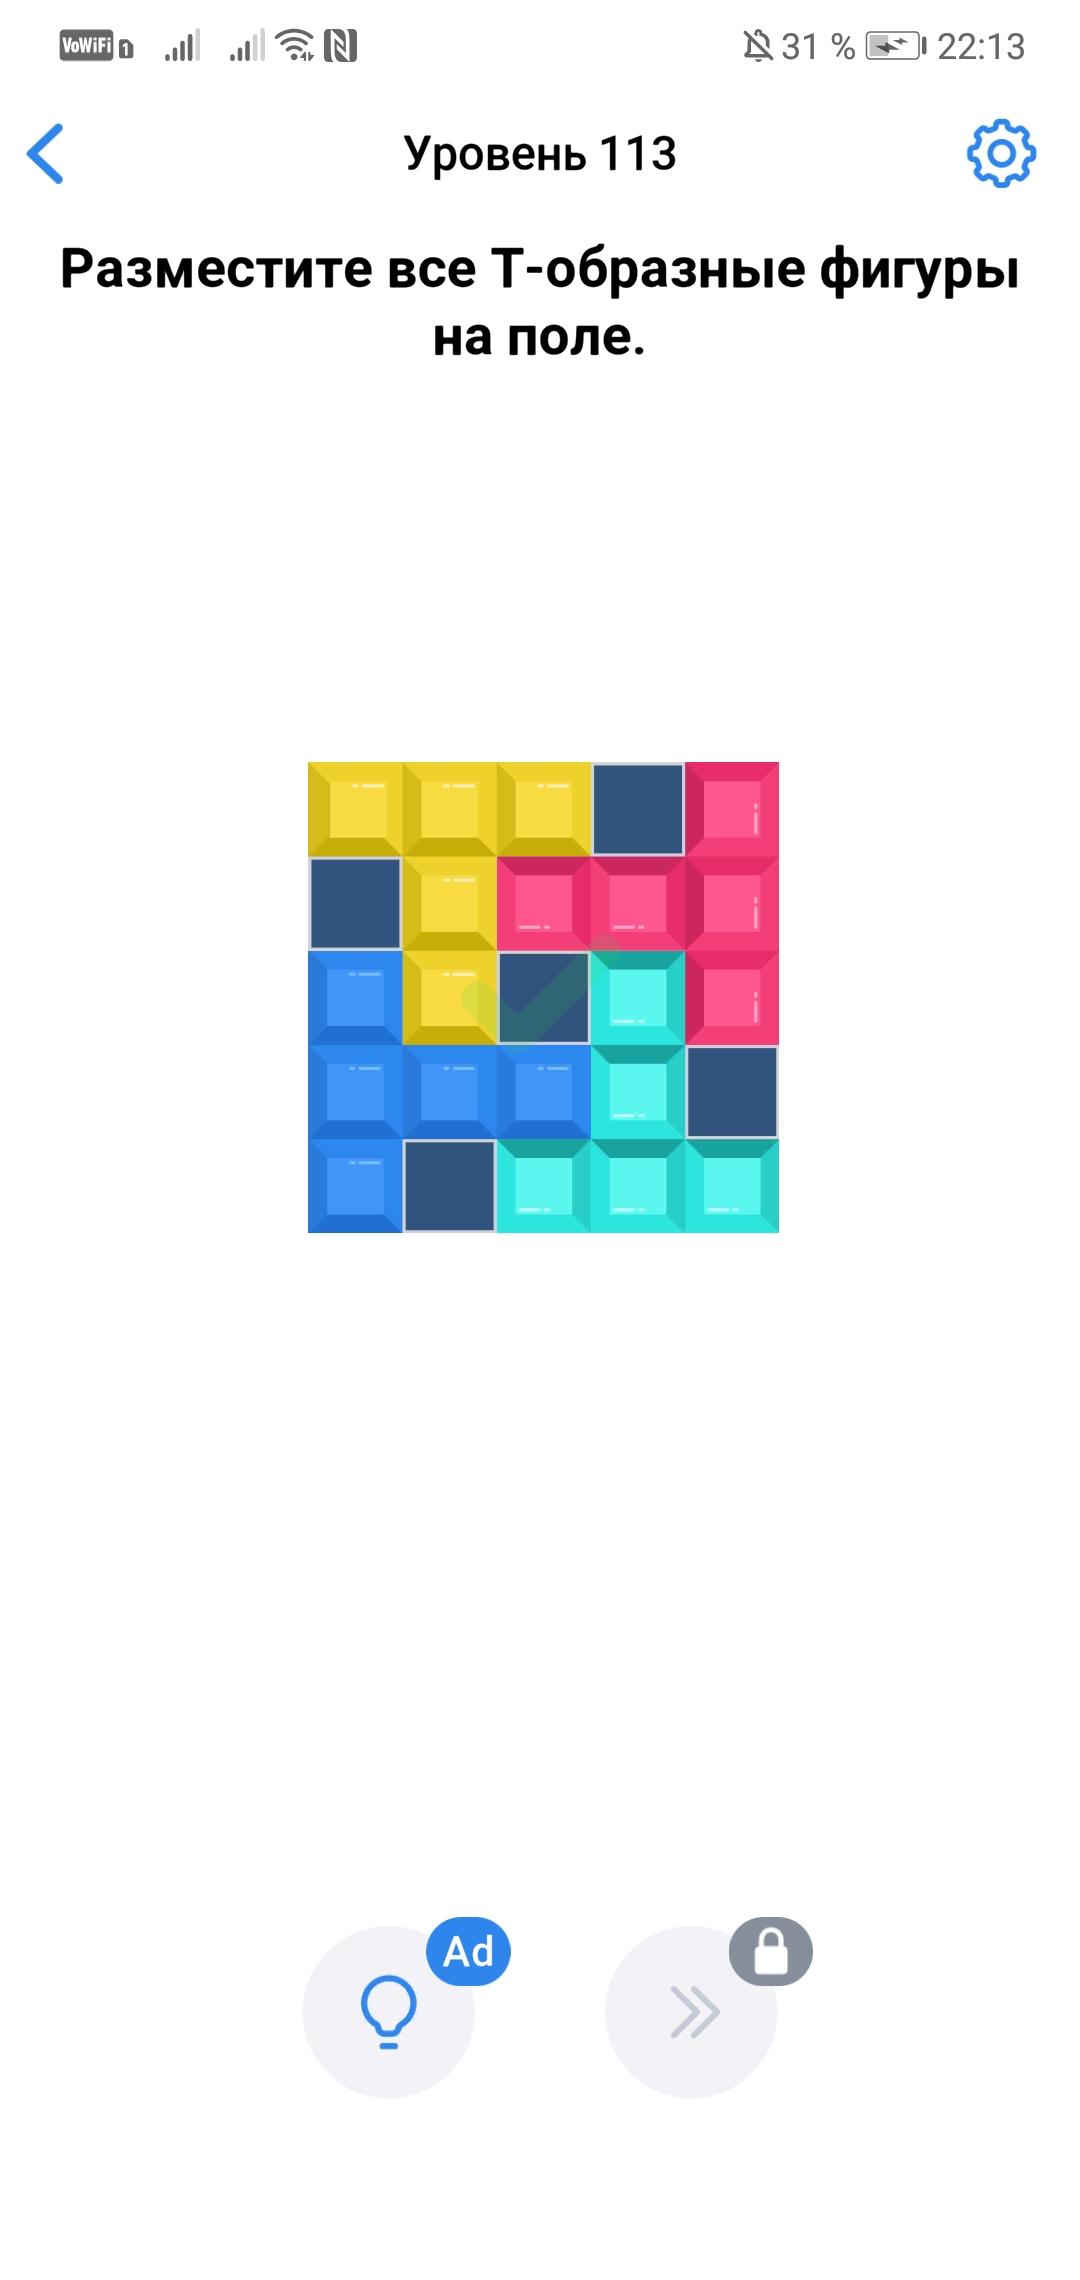 Easy Game - 113 уровень - Разместите все Т-образные фигуры на поле.